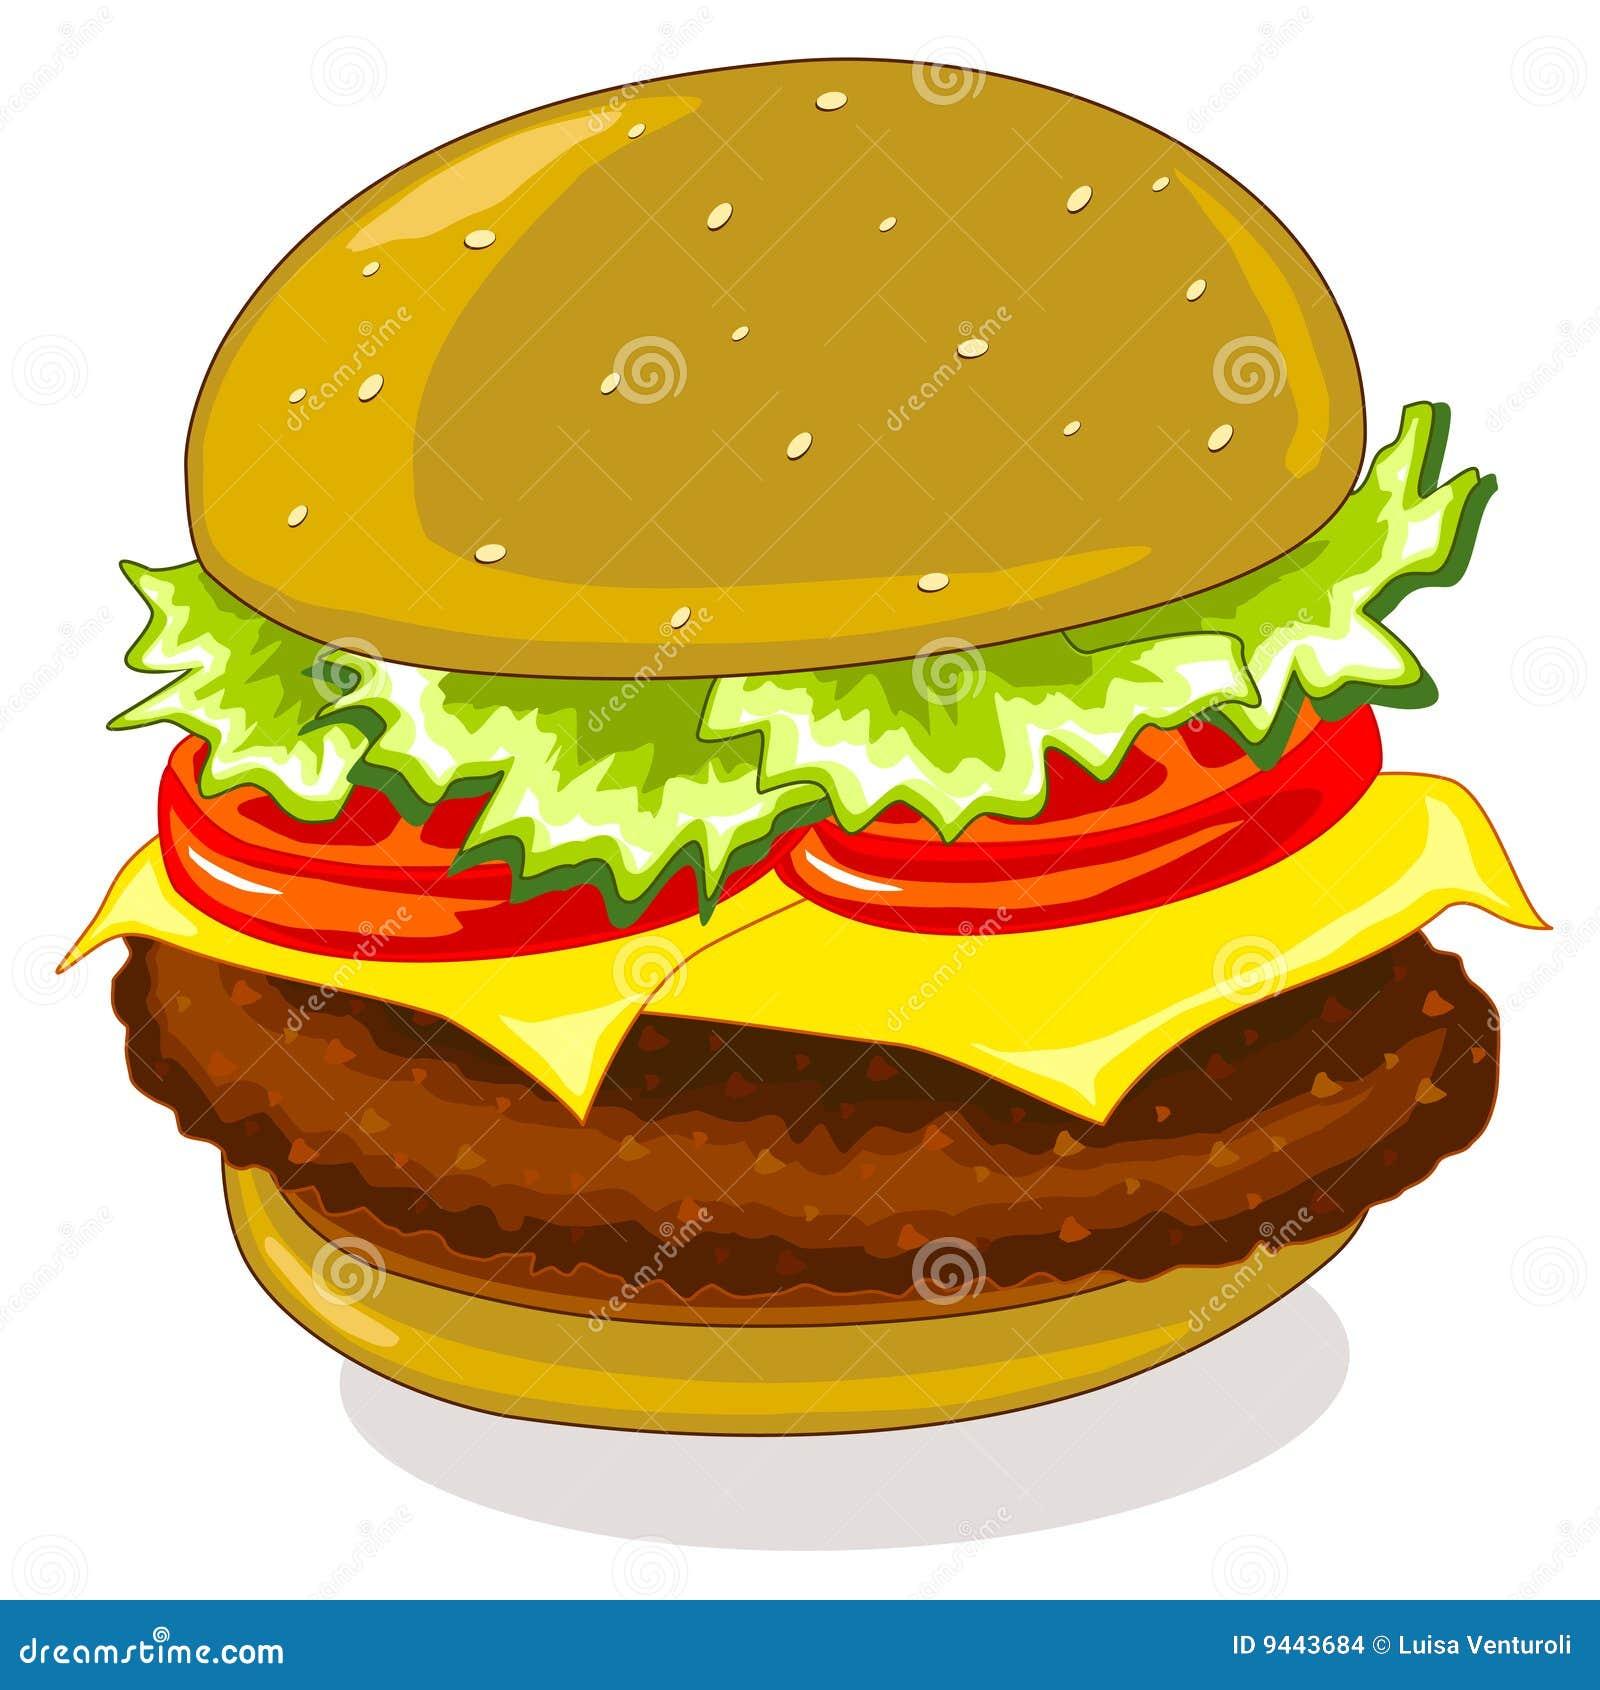 Hamburger Stock Images - Image: 9443684